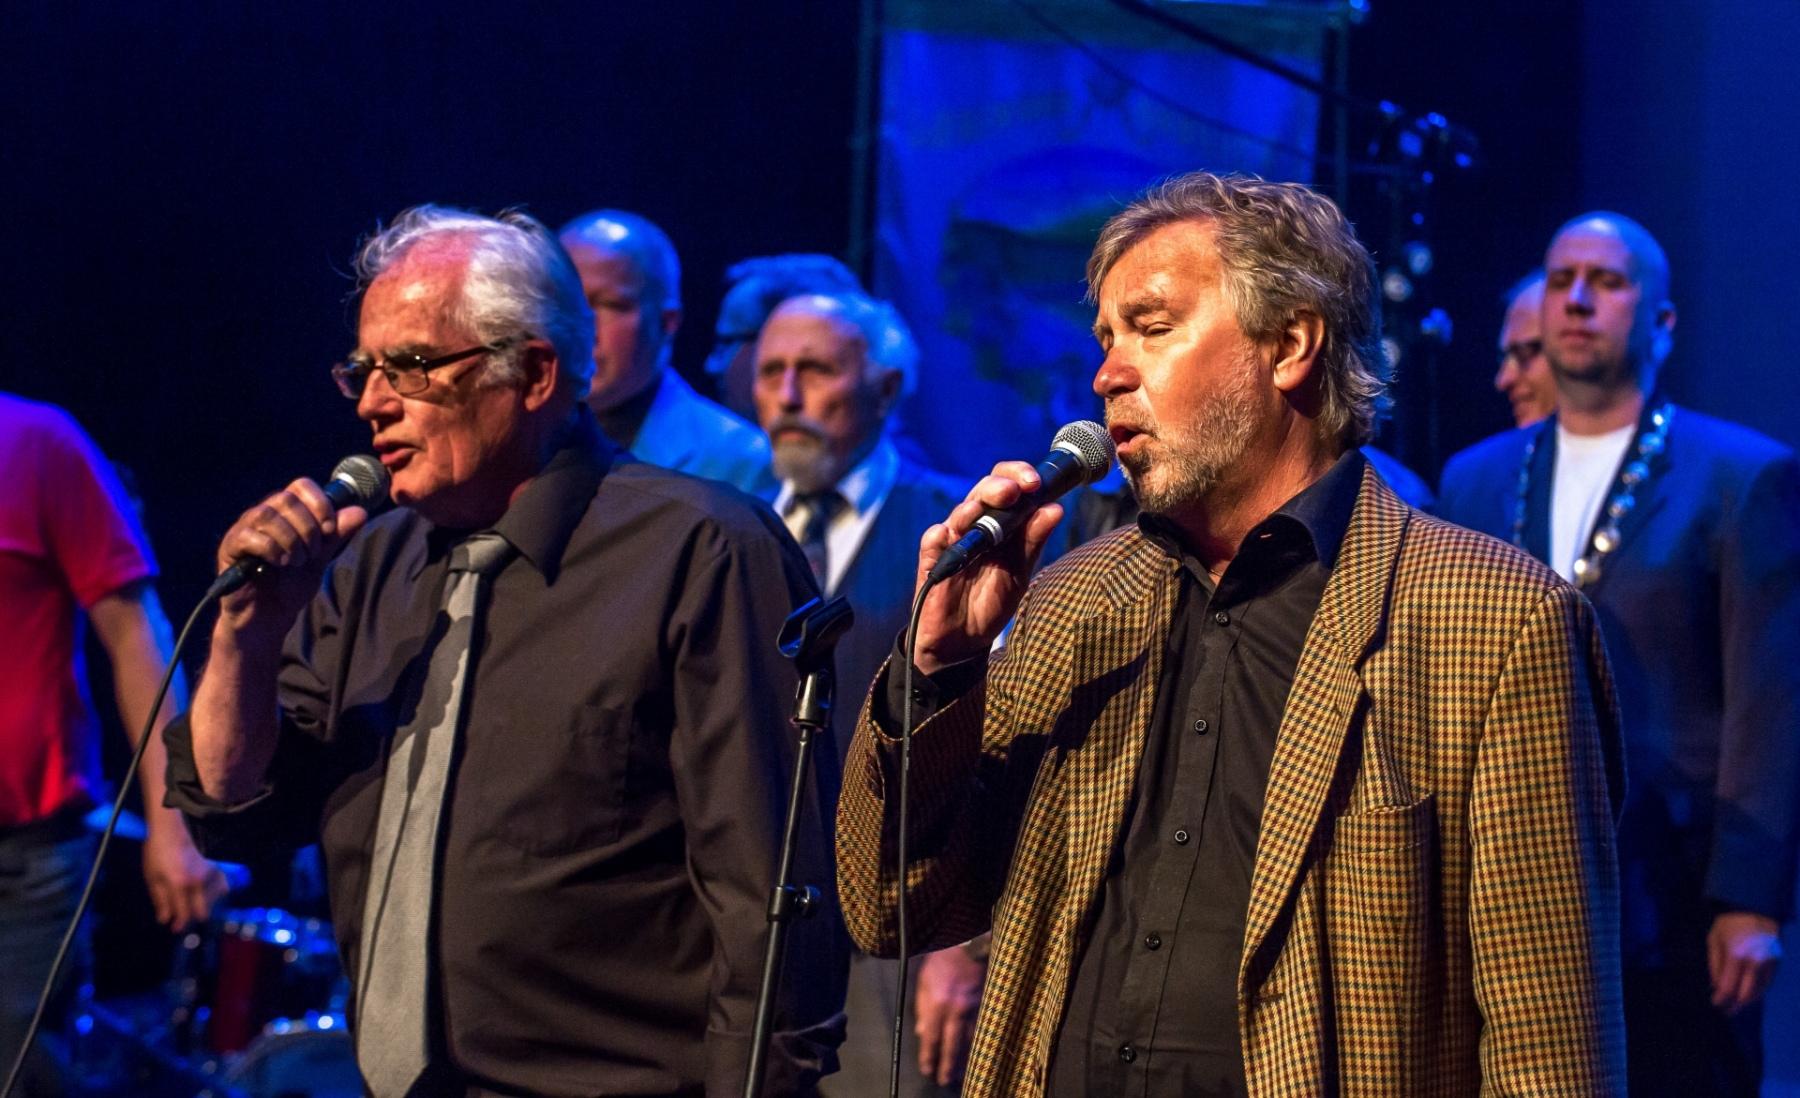 _D443448 Georg og Svein Grønn